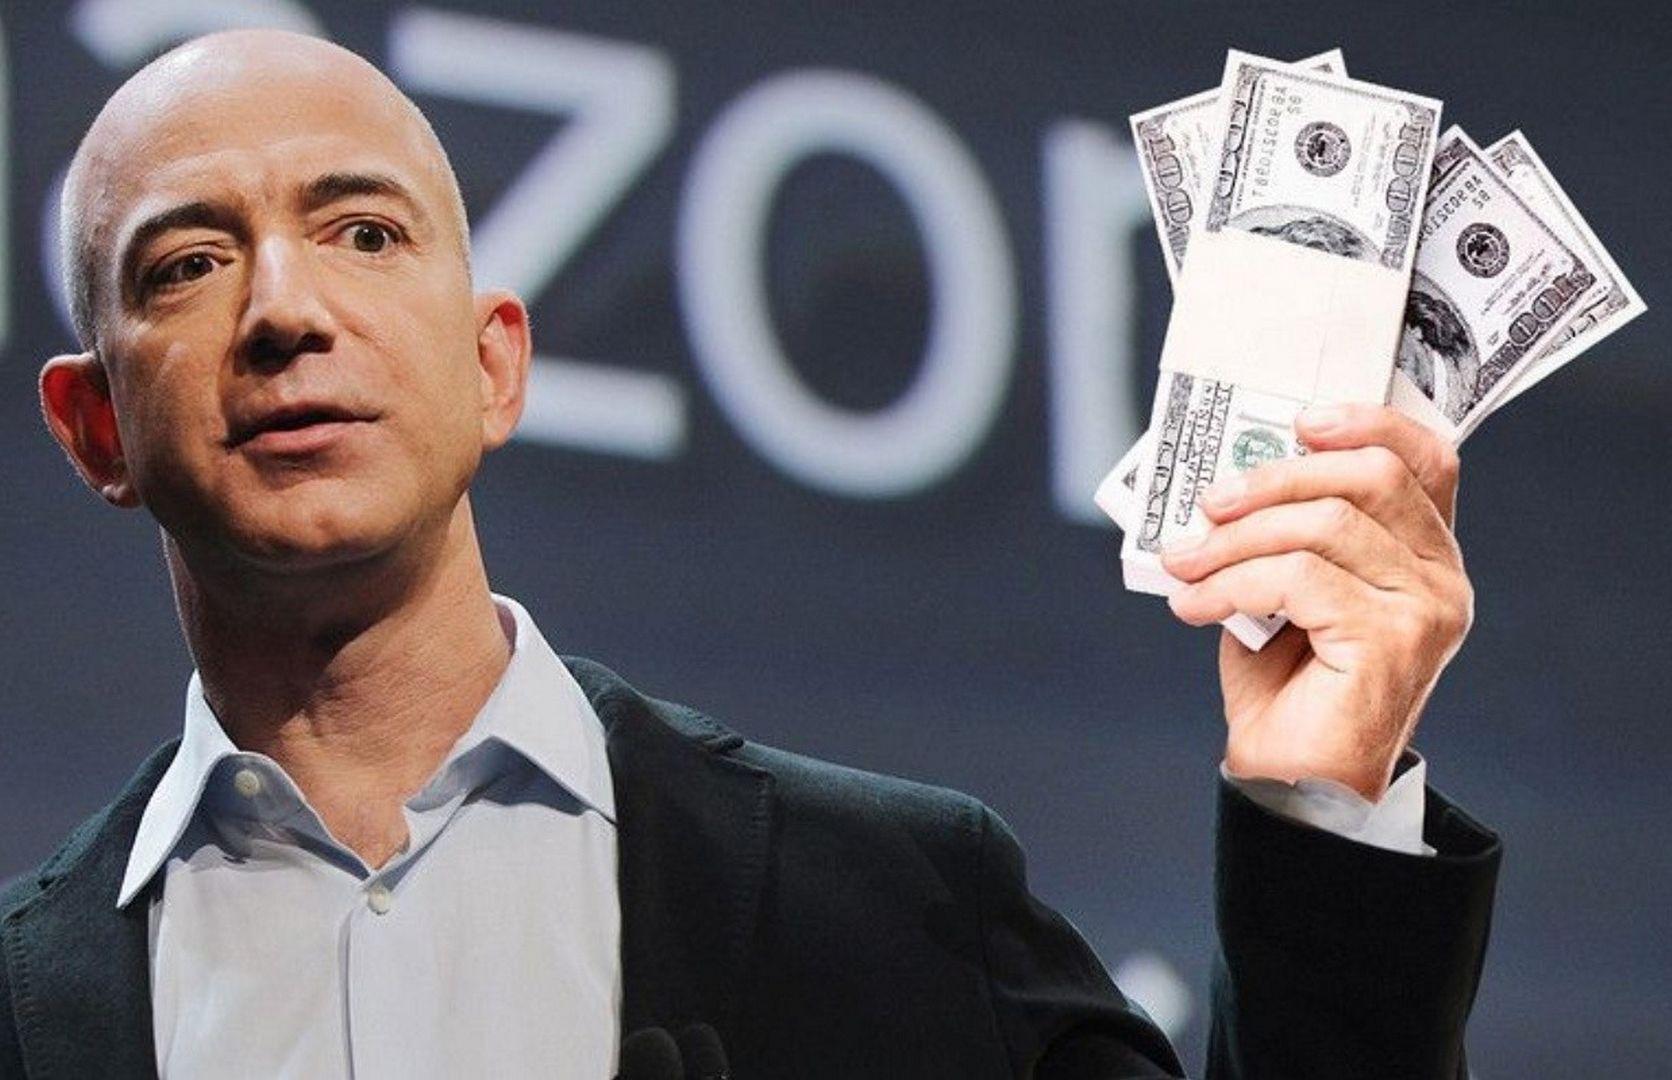 Рейтинг самых богатых людей планеты, Фото № 1 - 1-consult.net